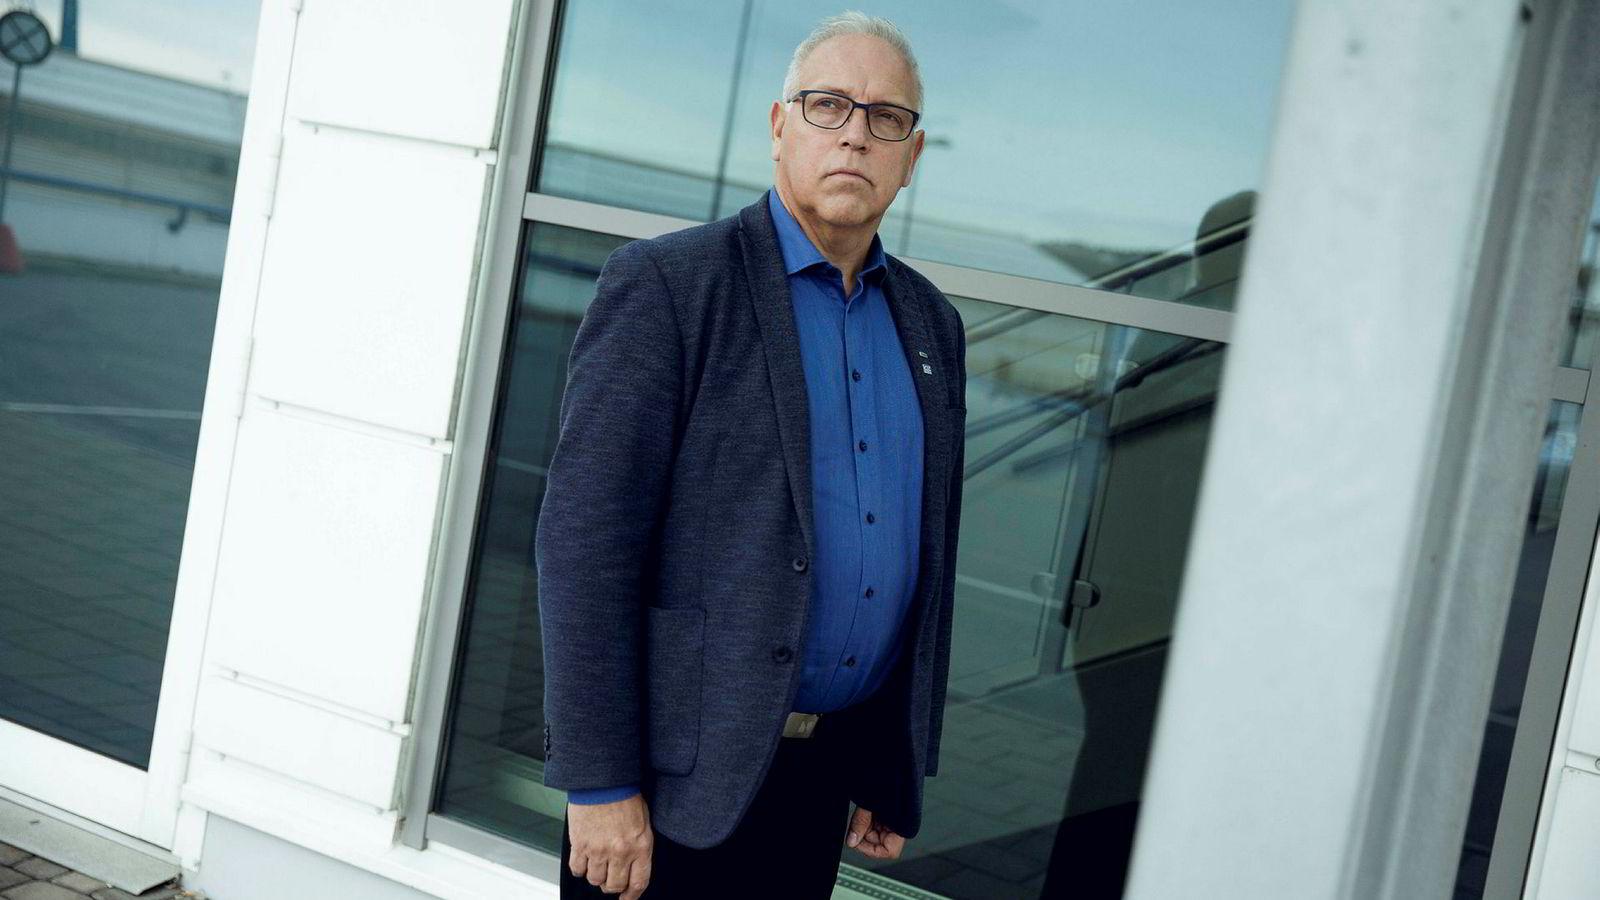 Forbundsleder Audun Ingvartsen i Lederne synes det er grunn til å være bekymret når han ser hvilke ledere som tjener mest.